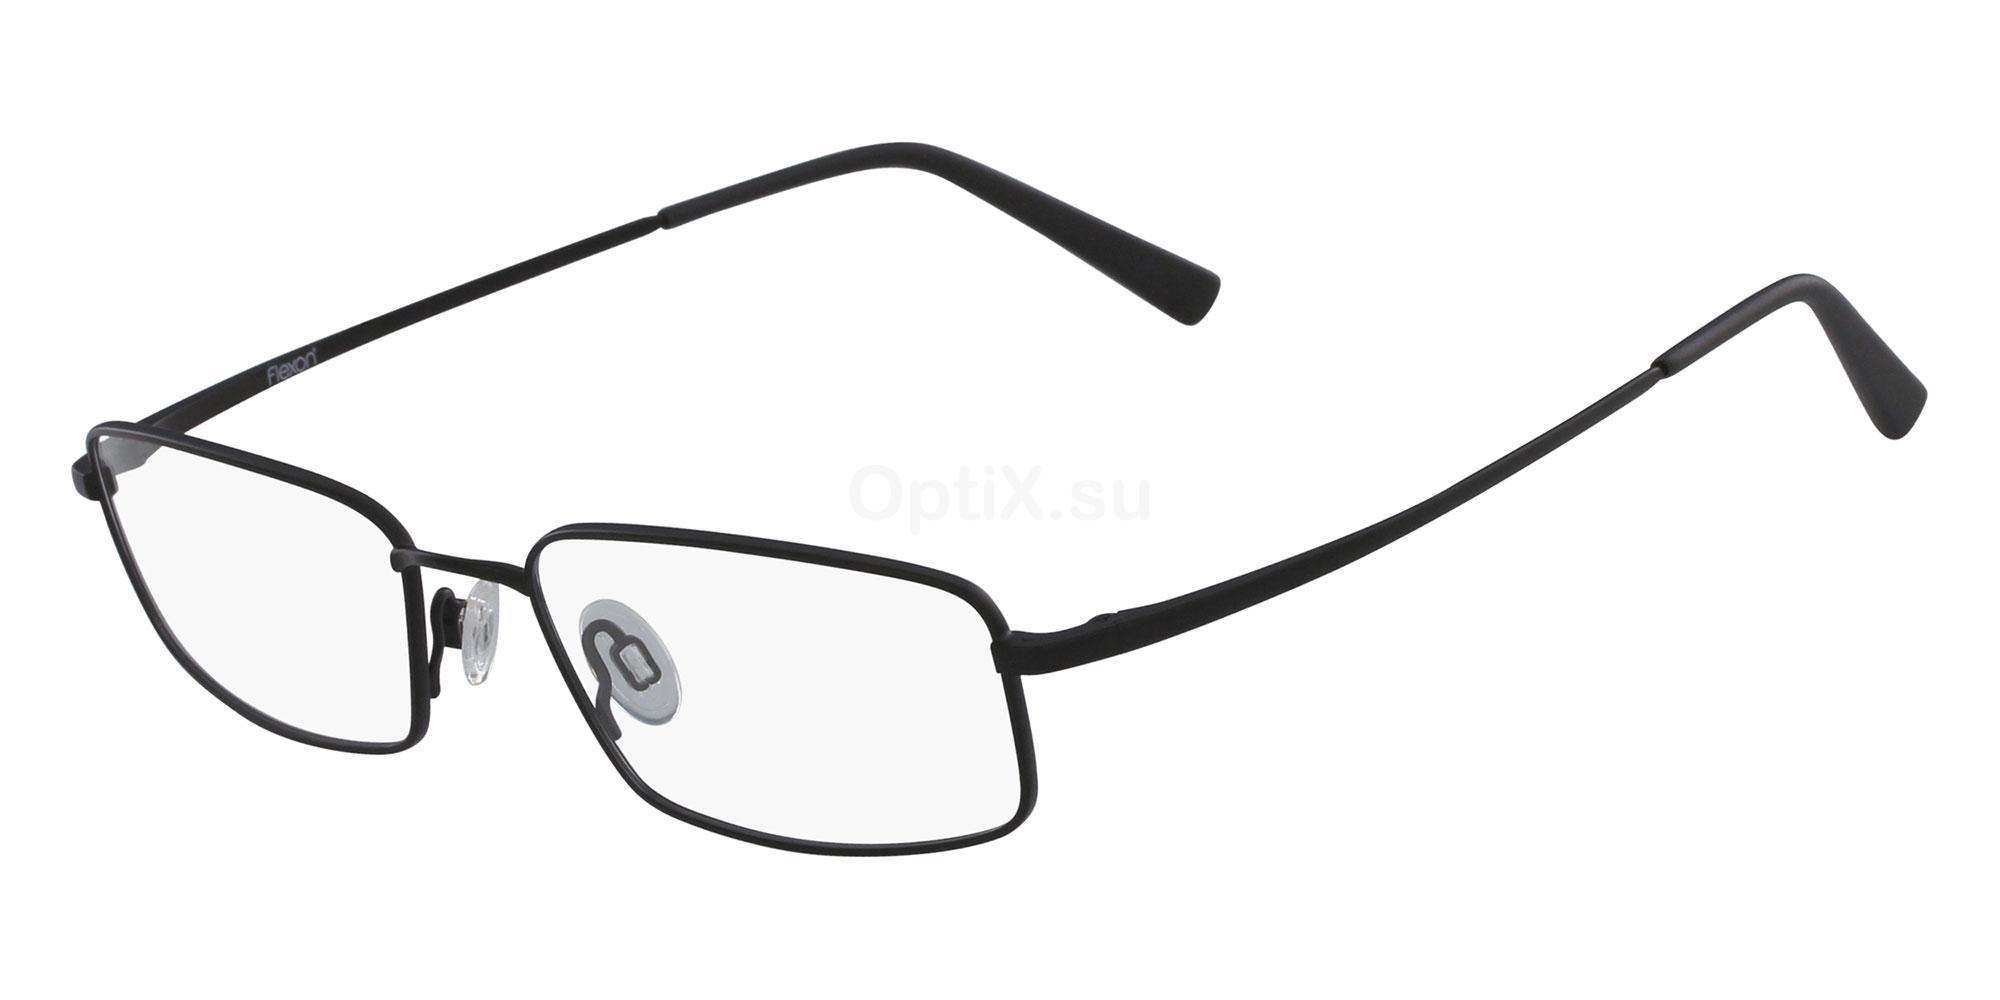 001 FLEXON EINSTEIN 600 Glasses, Flexon